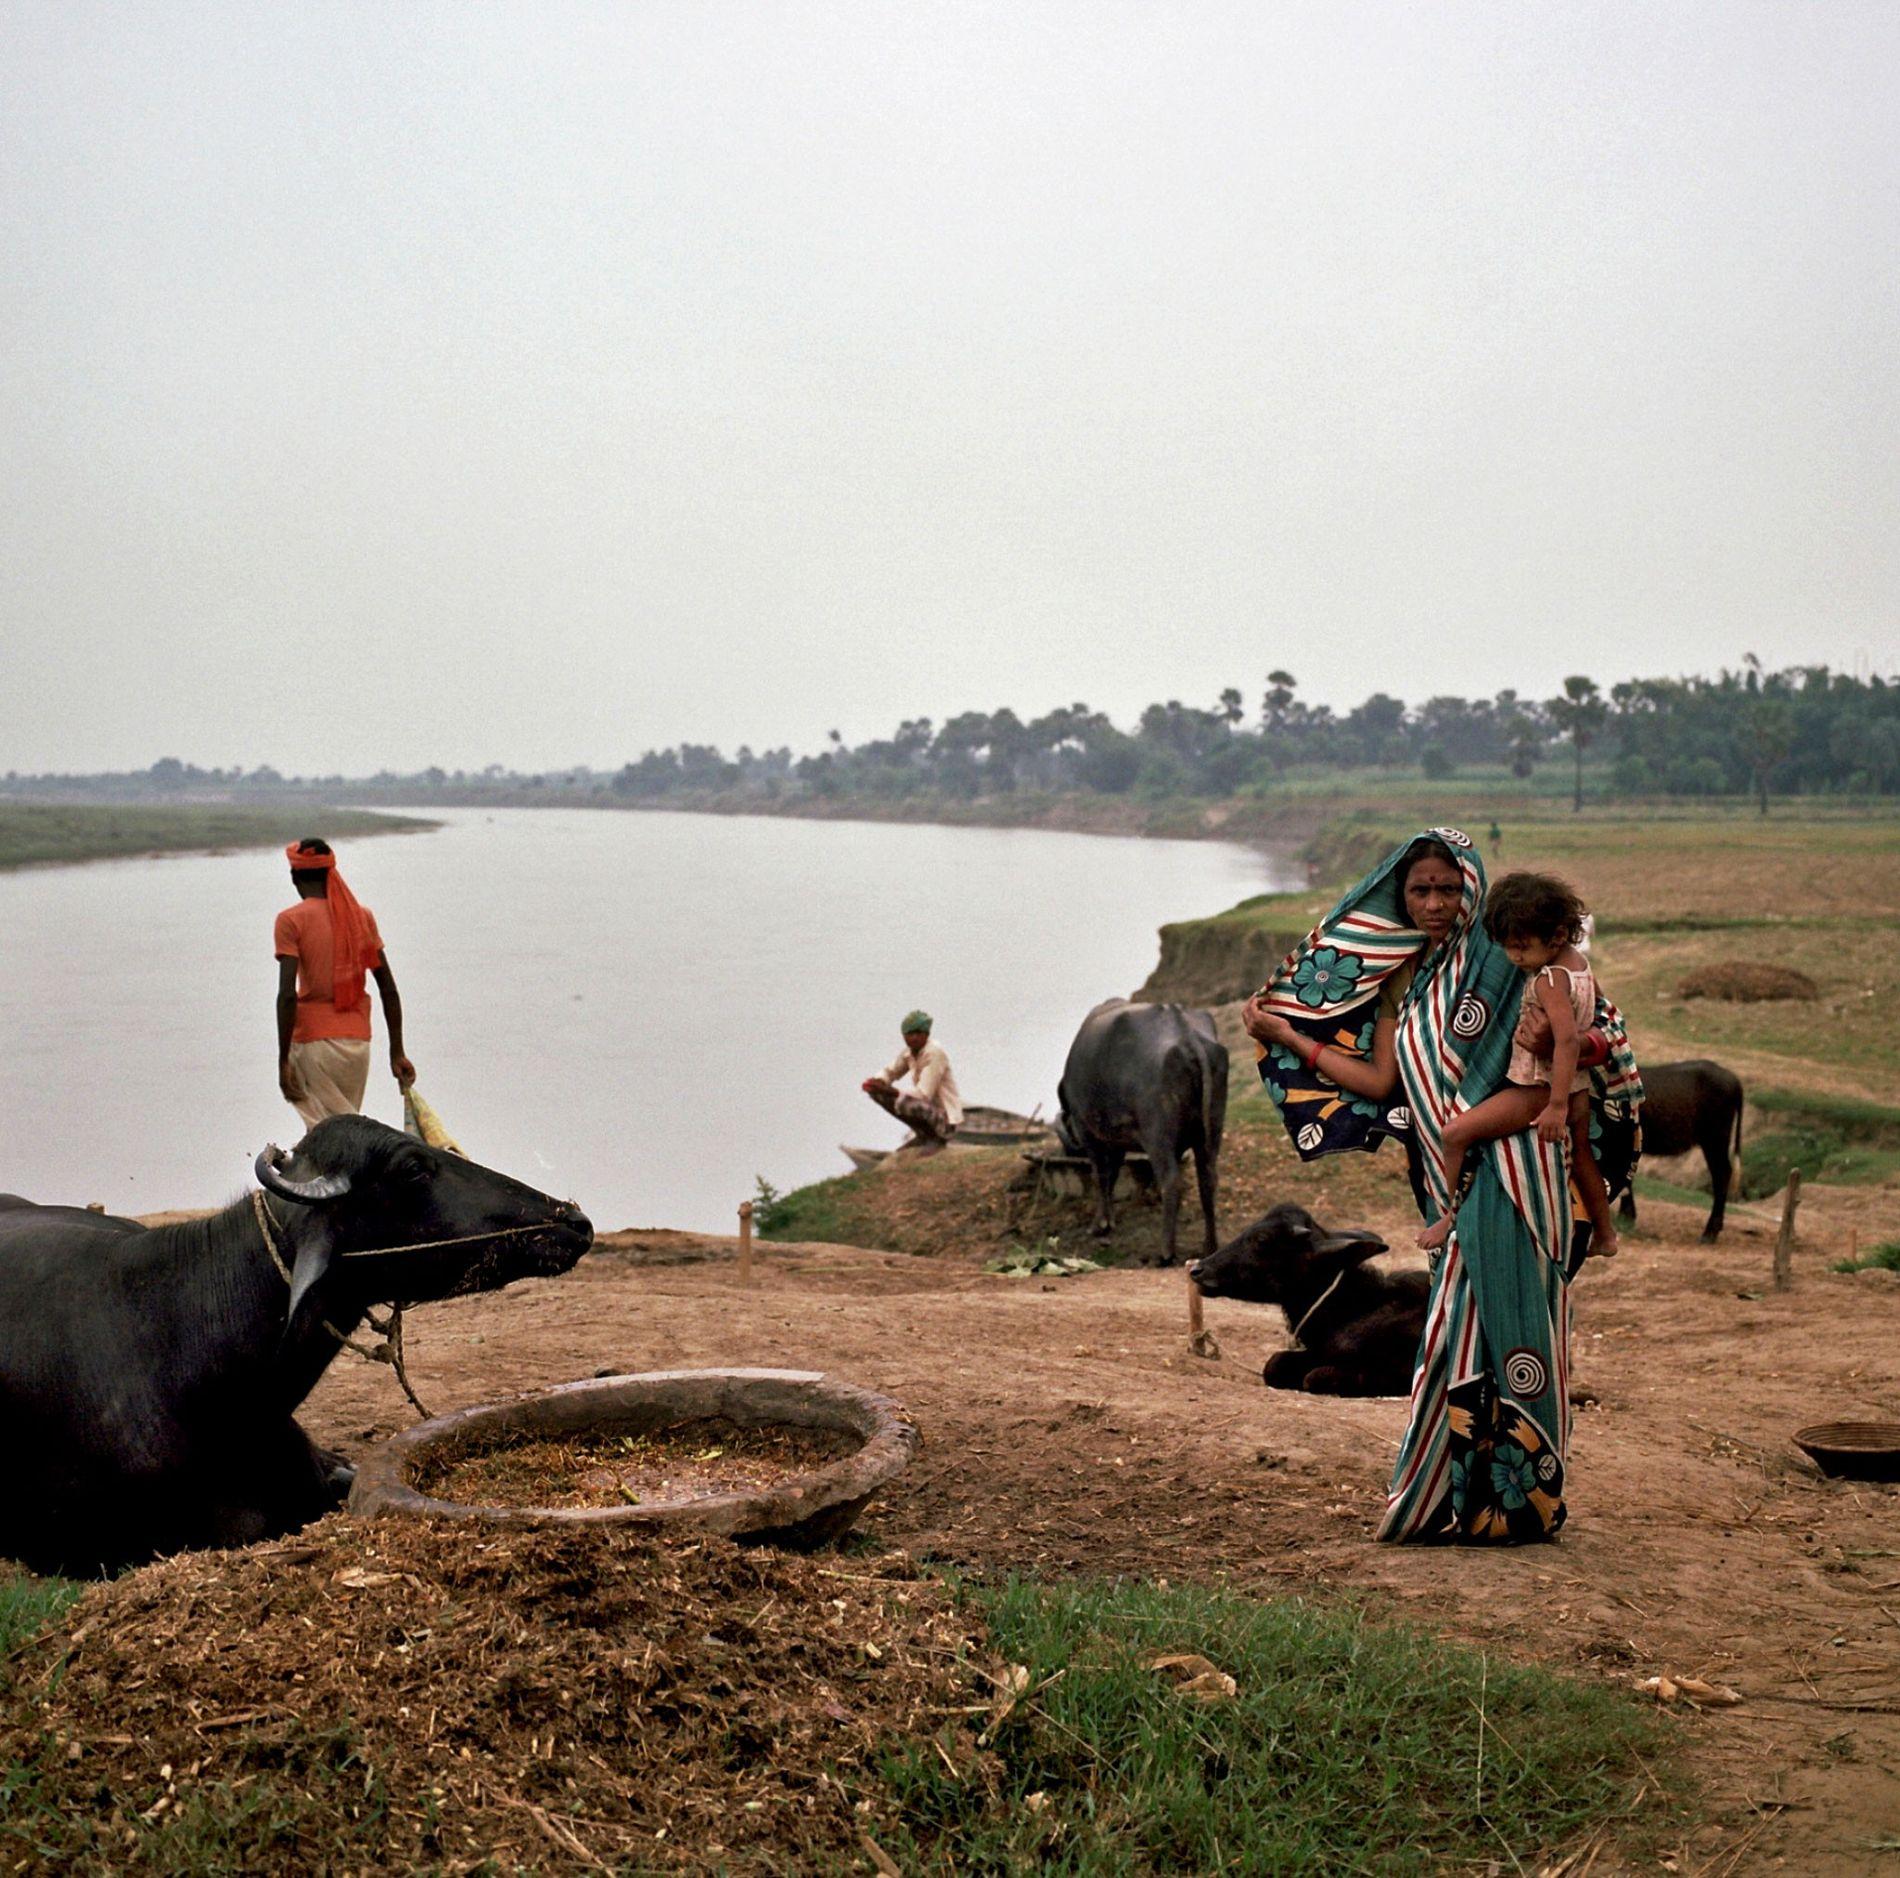 O Ganges circula pelo estado de Bihar, onde, em 1917, em uma de suas primeiras campanhas de resistência pacífica, Gandhi inspirou agricultores pobres a resistirem contra a exploração de comerciantes de índigo. No ano passado, o ativista ambientalista Guru Das Agrawal iniciou uma greve de fome, assim como Gandhi fazia, em um protesto contra a omissão do governo frente à degradação do rio. Ele morreu 111 dias depois.